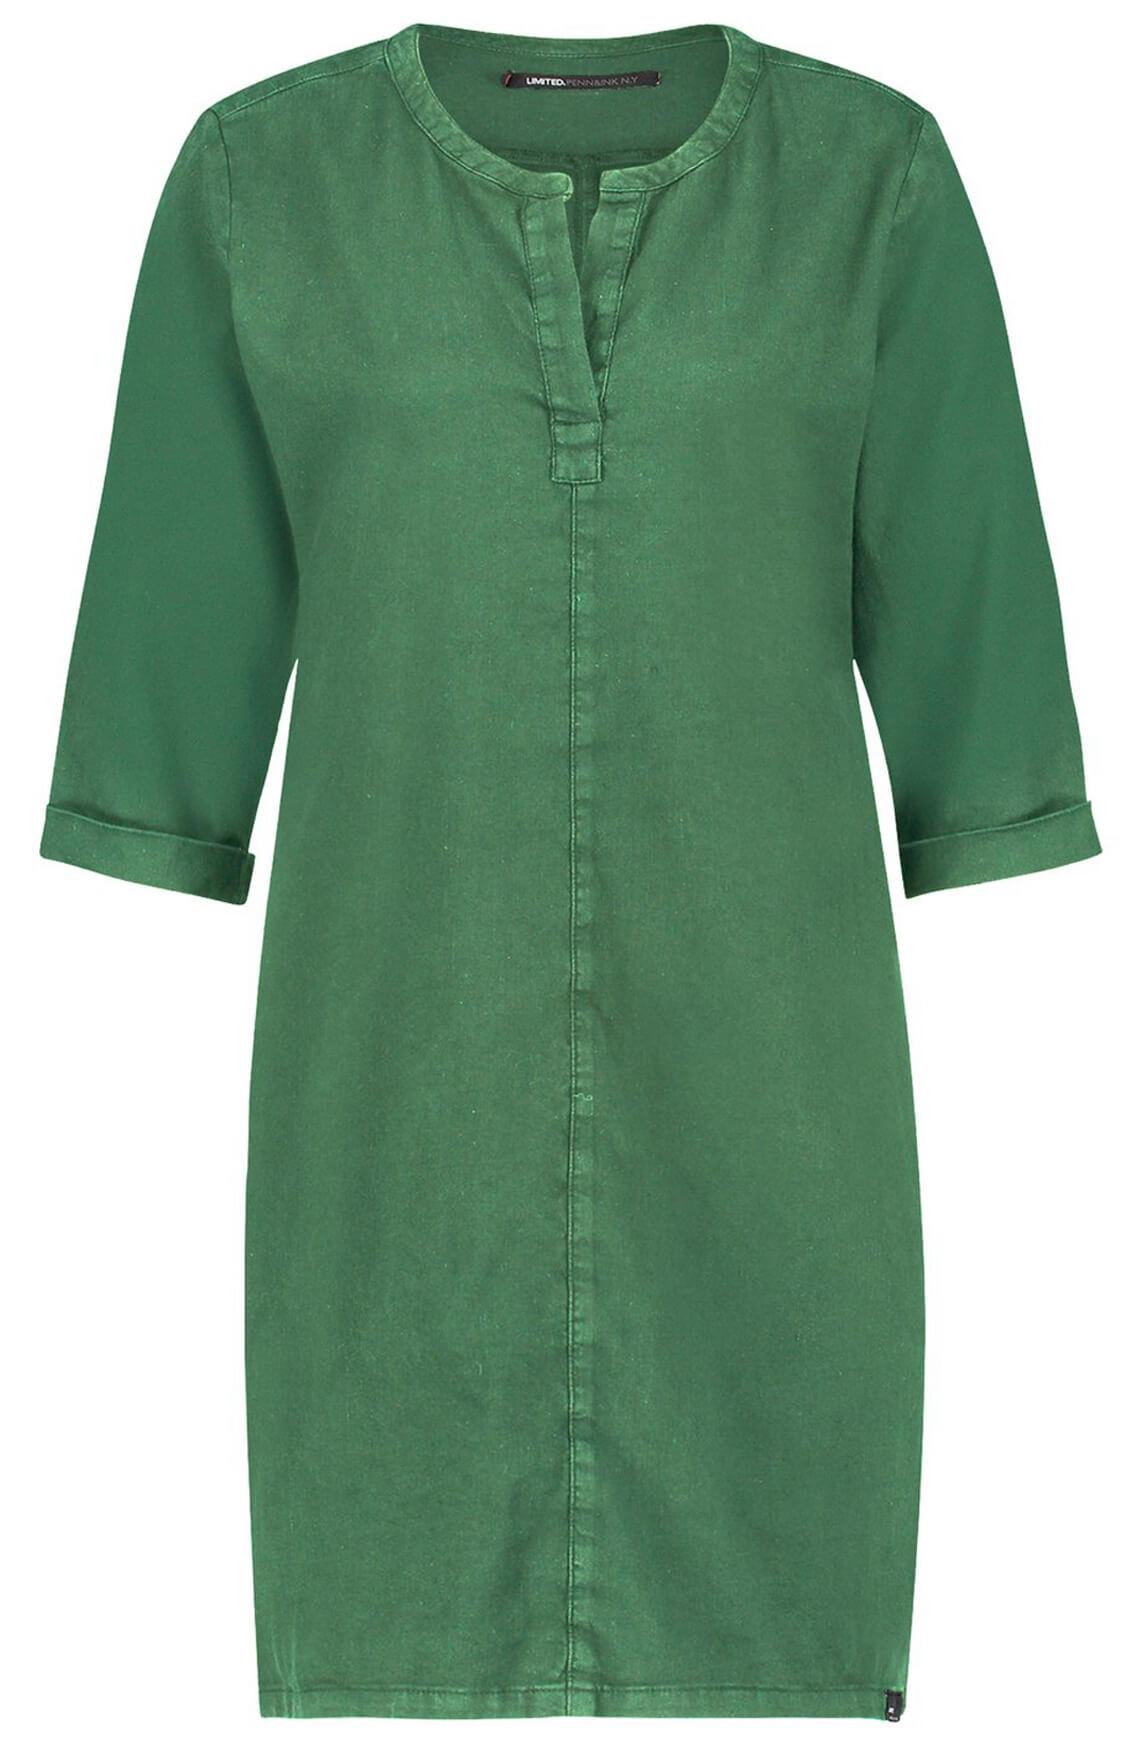 Penn & Ink Dames Materiaalmix jurk met V-hals groen